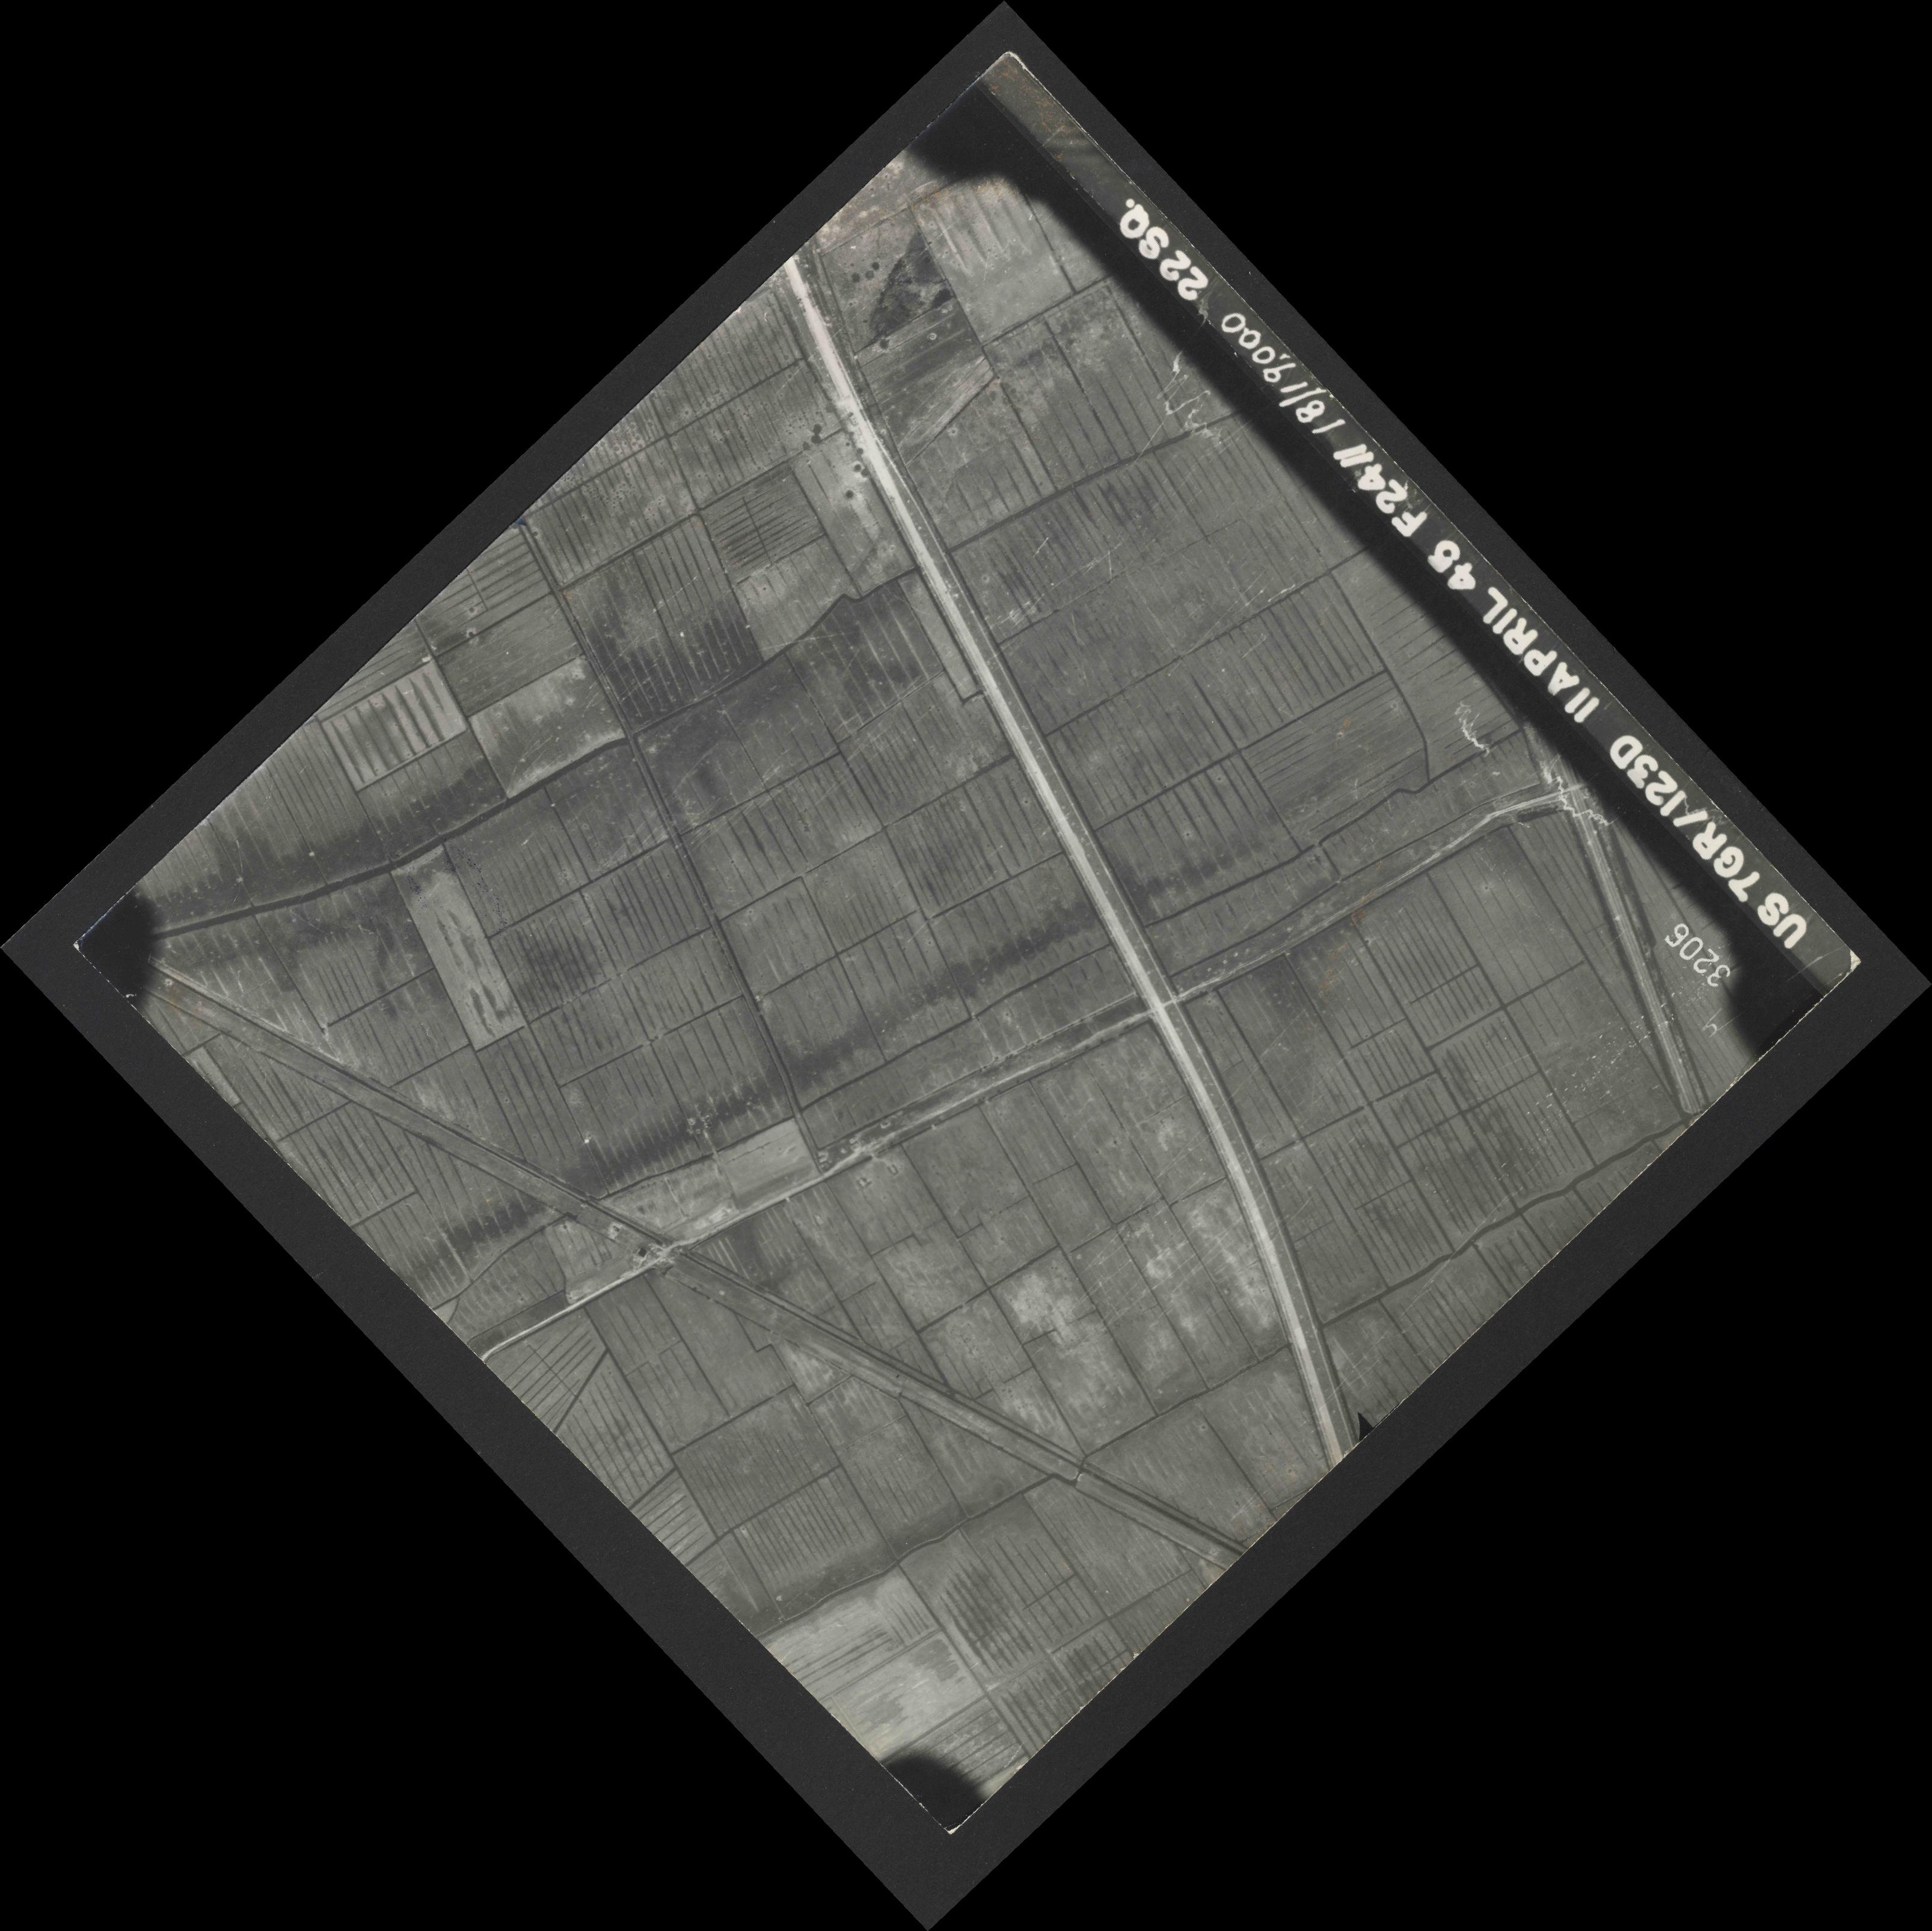 Collection RAF aerial photos 1940-1945 - flight 325, run 01, photo 3206